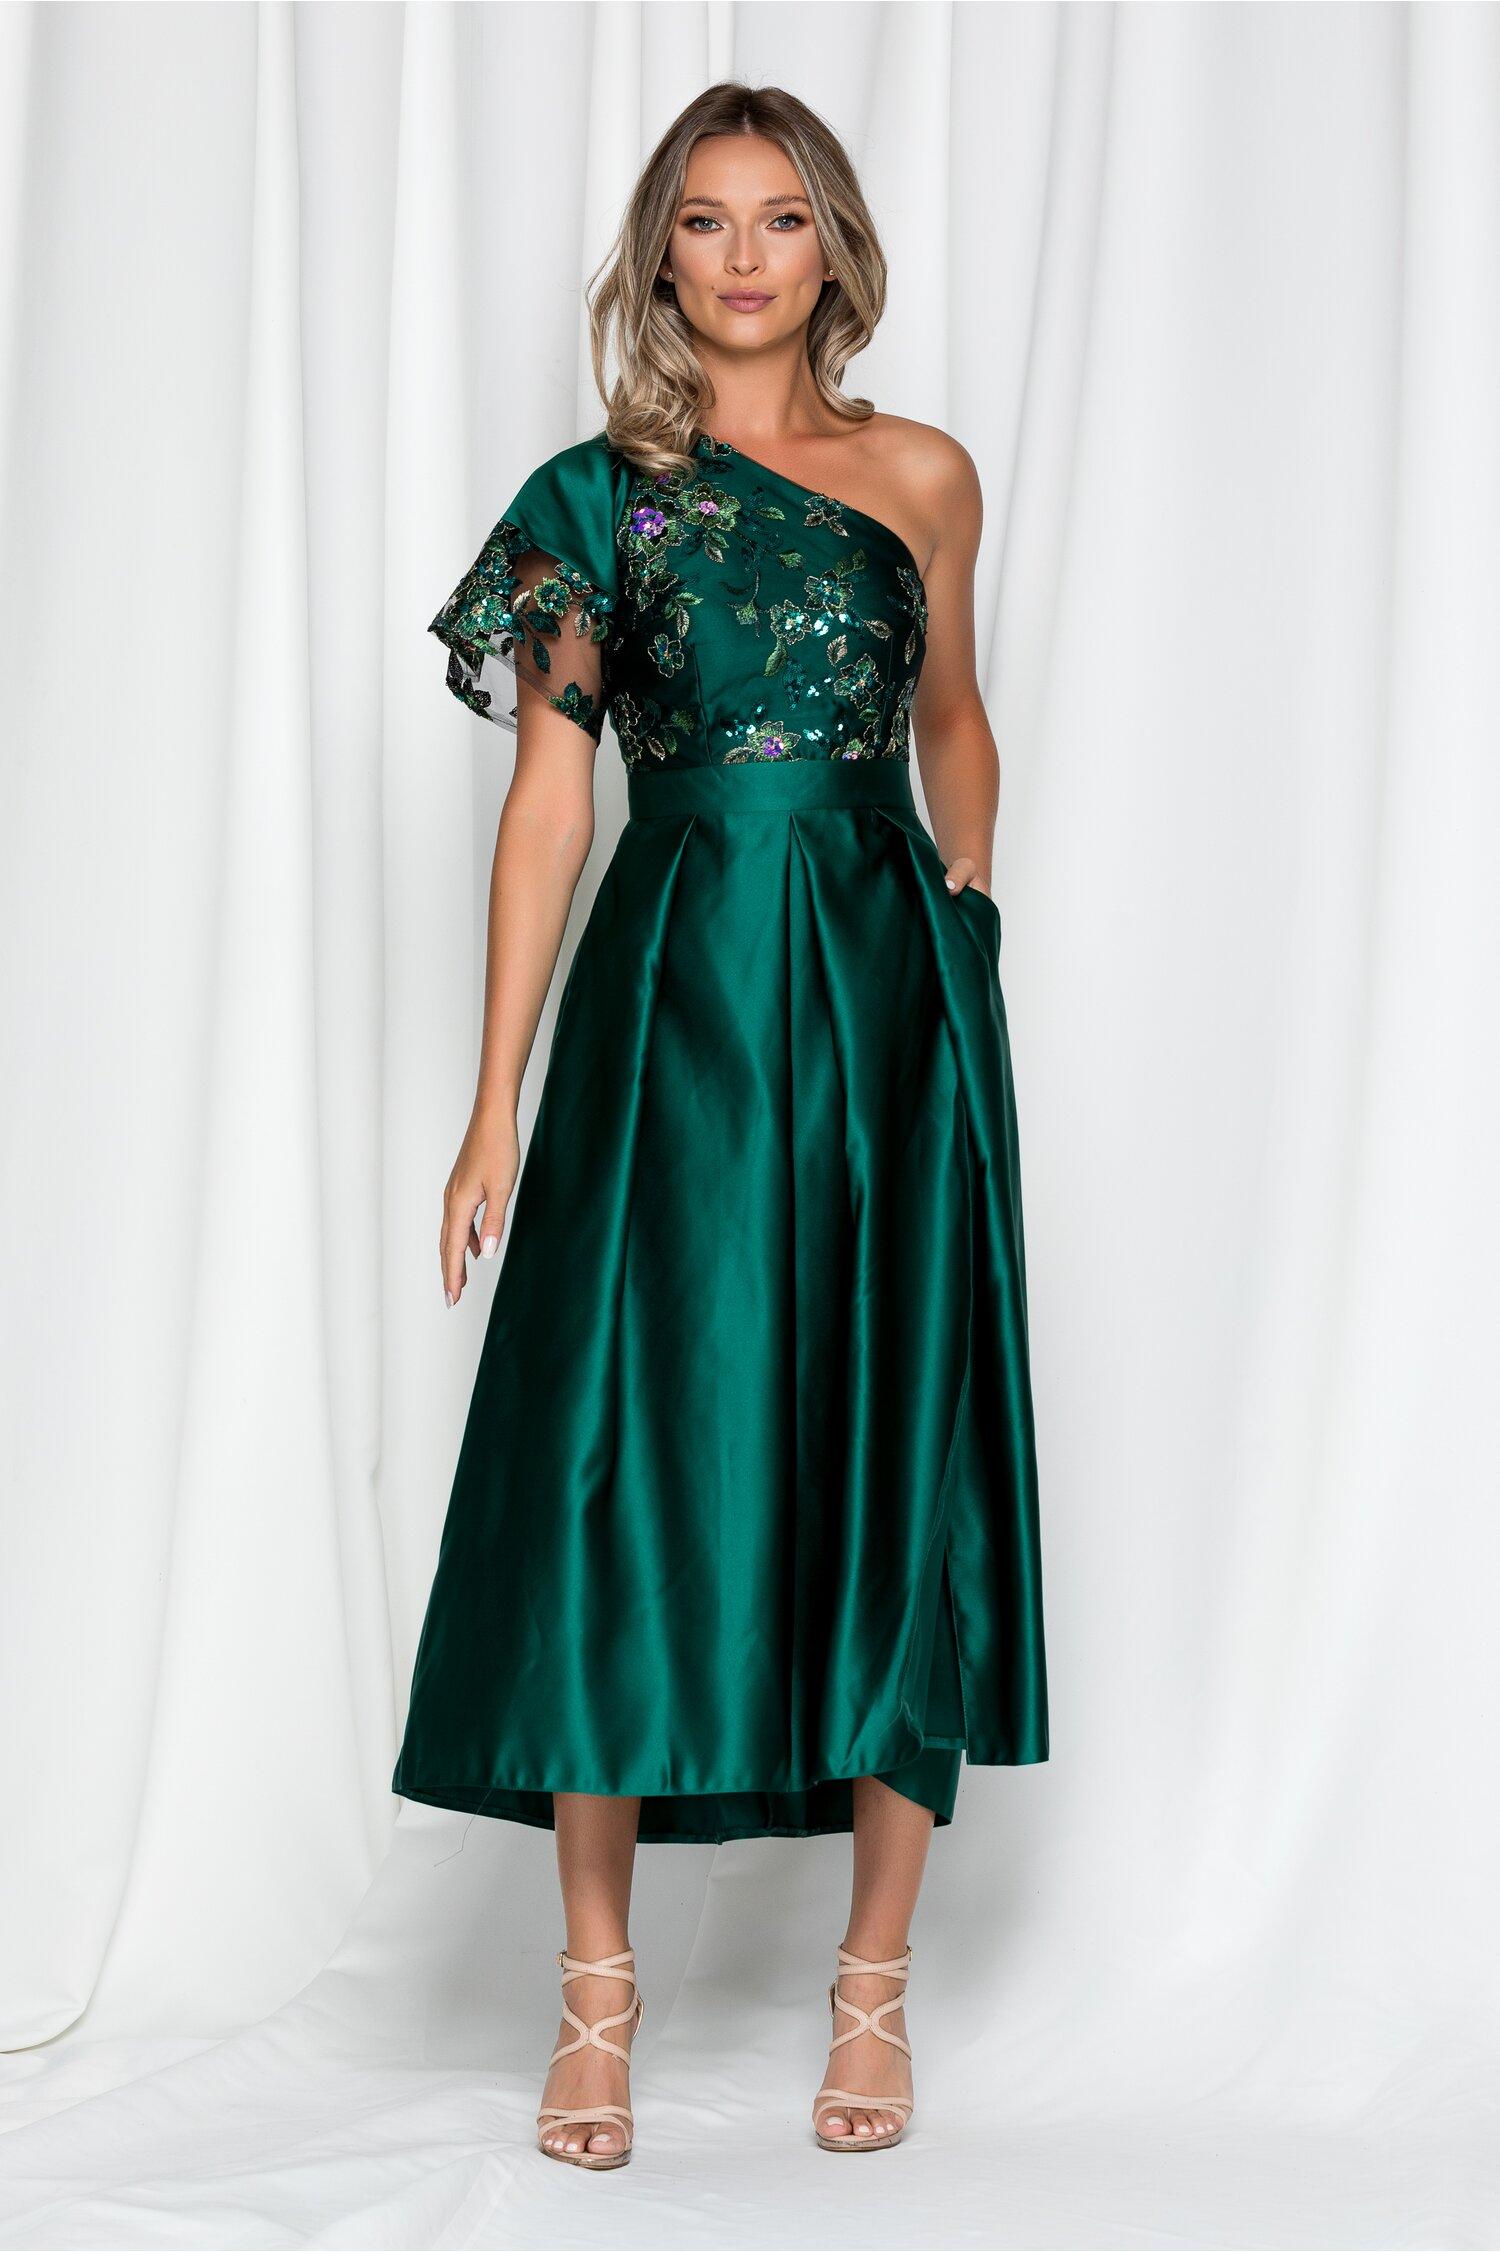 Rochie Moze verde din tafta cu broderie florala paietata la bust